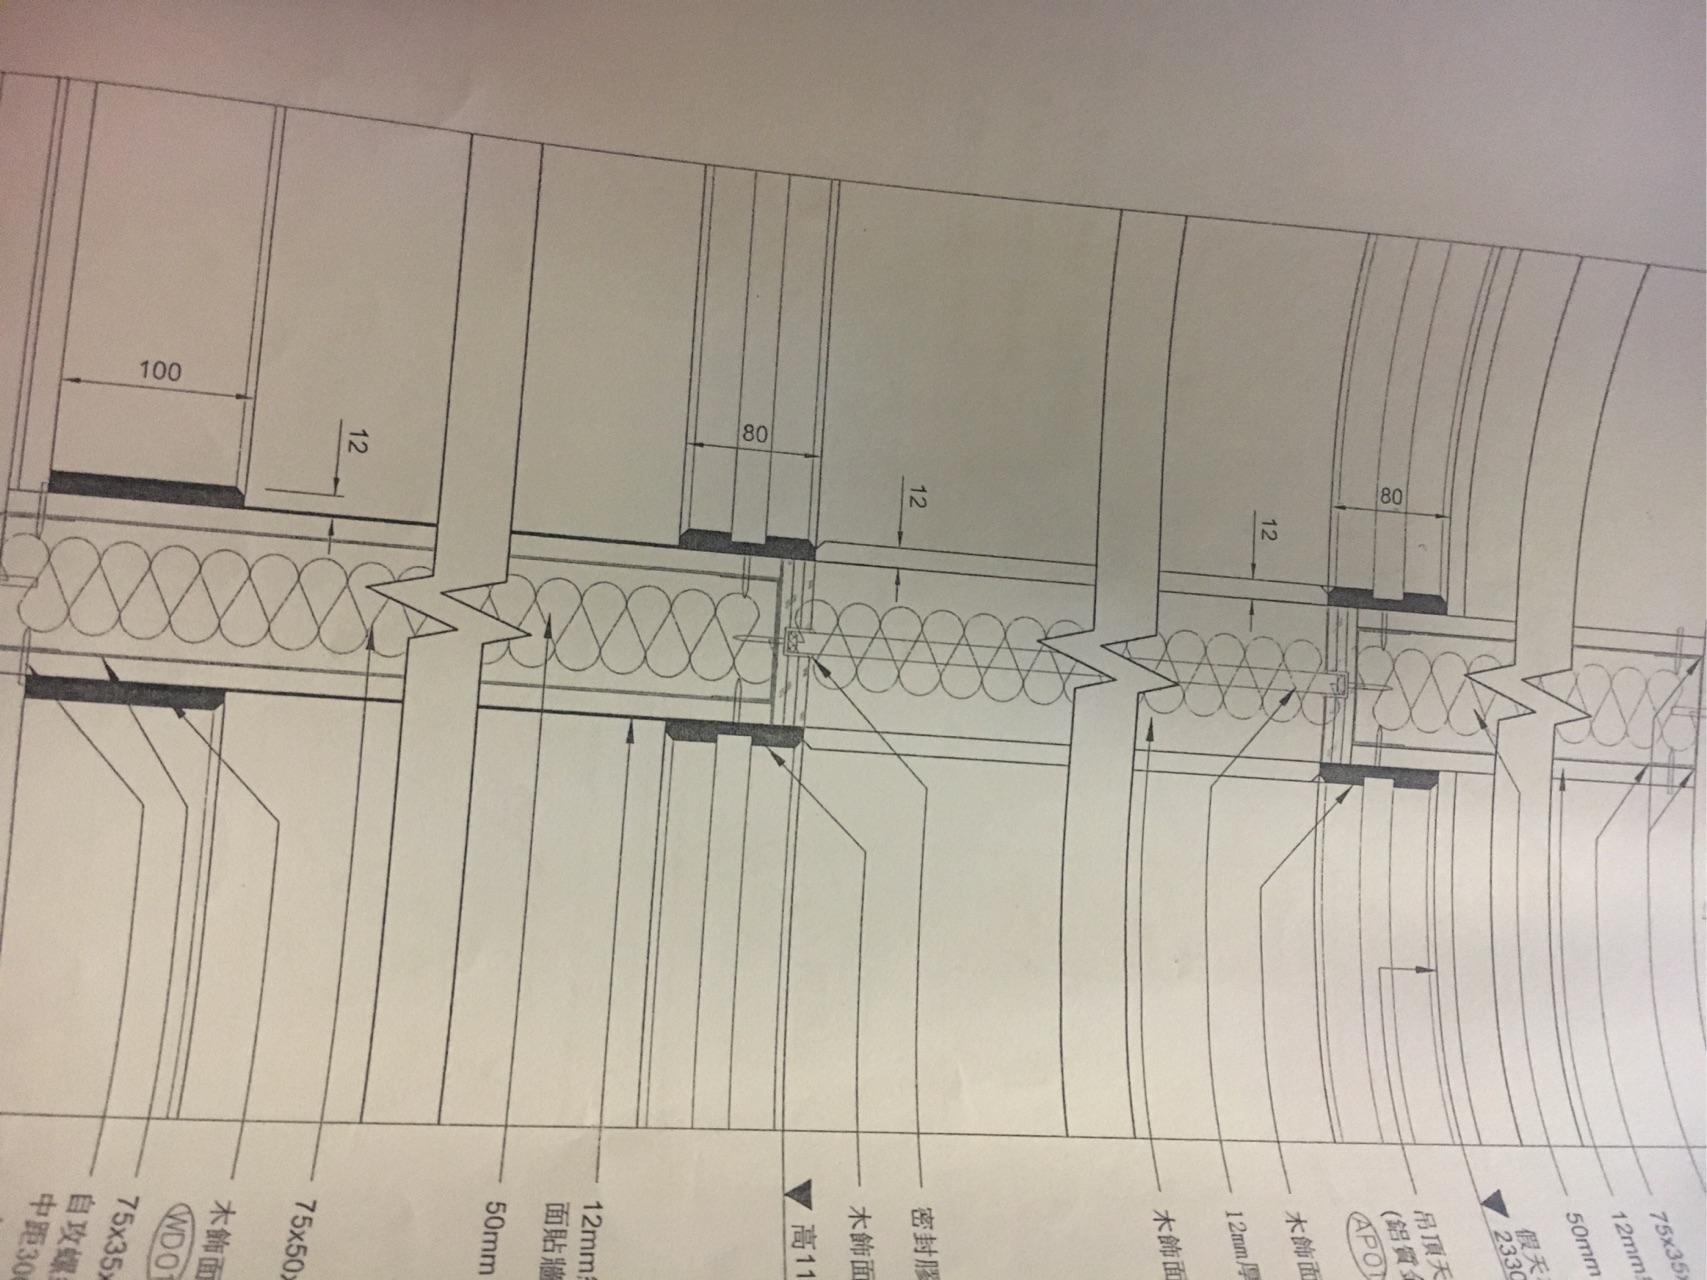 v曲线设计图曲线上的图纸填充物在cad中放大而如何广联达外部导入把图纸参照图片